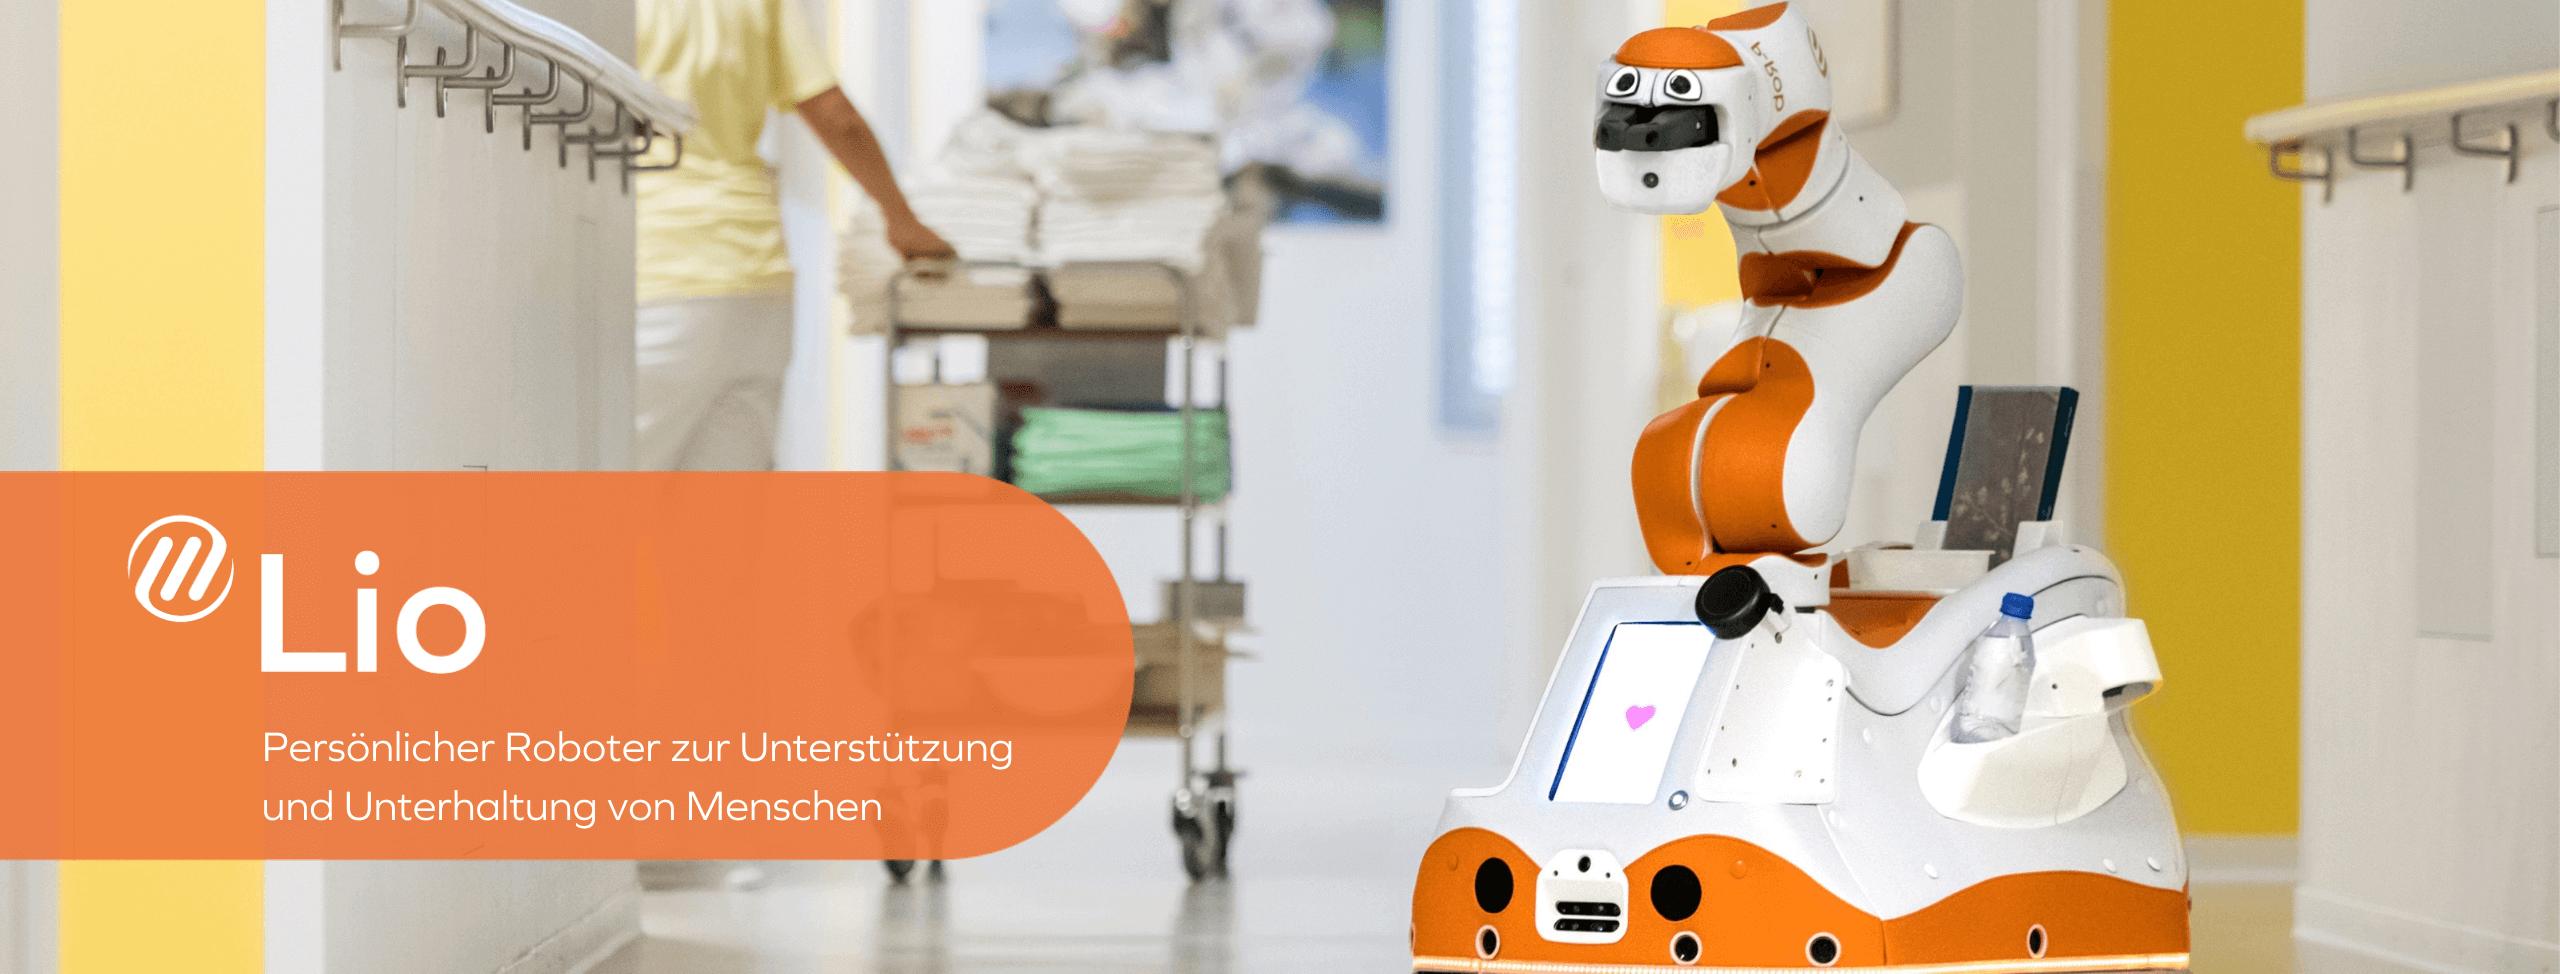 Lio - Persönlicher Roboter zur Unterstützung und Unterhaltung von Menschen